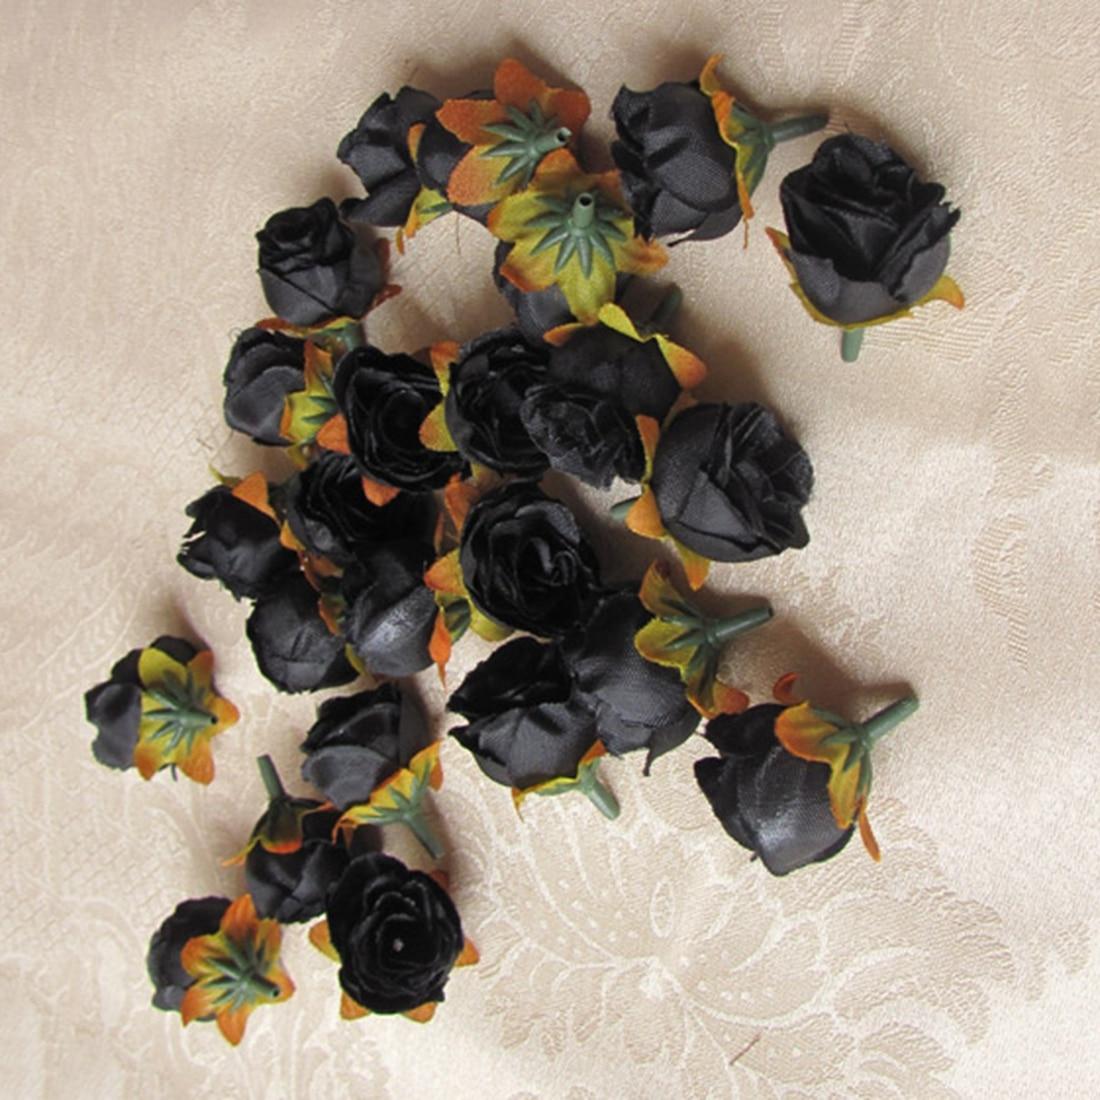 UESH-100pcs Multi Color Pequeño Té Rosa Bricolaje Rosa Flor de Seda - Para fiestas y celebraciones - foto 2